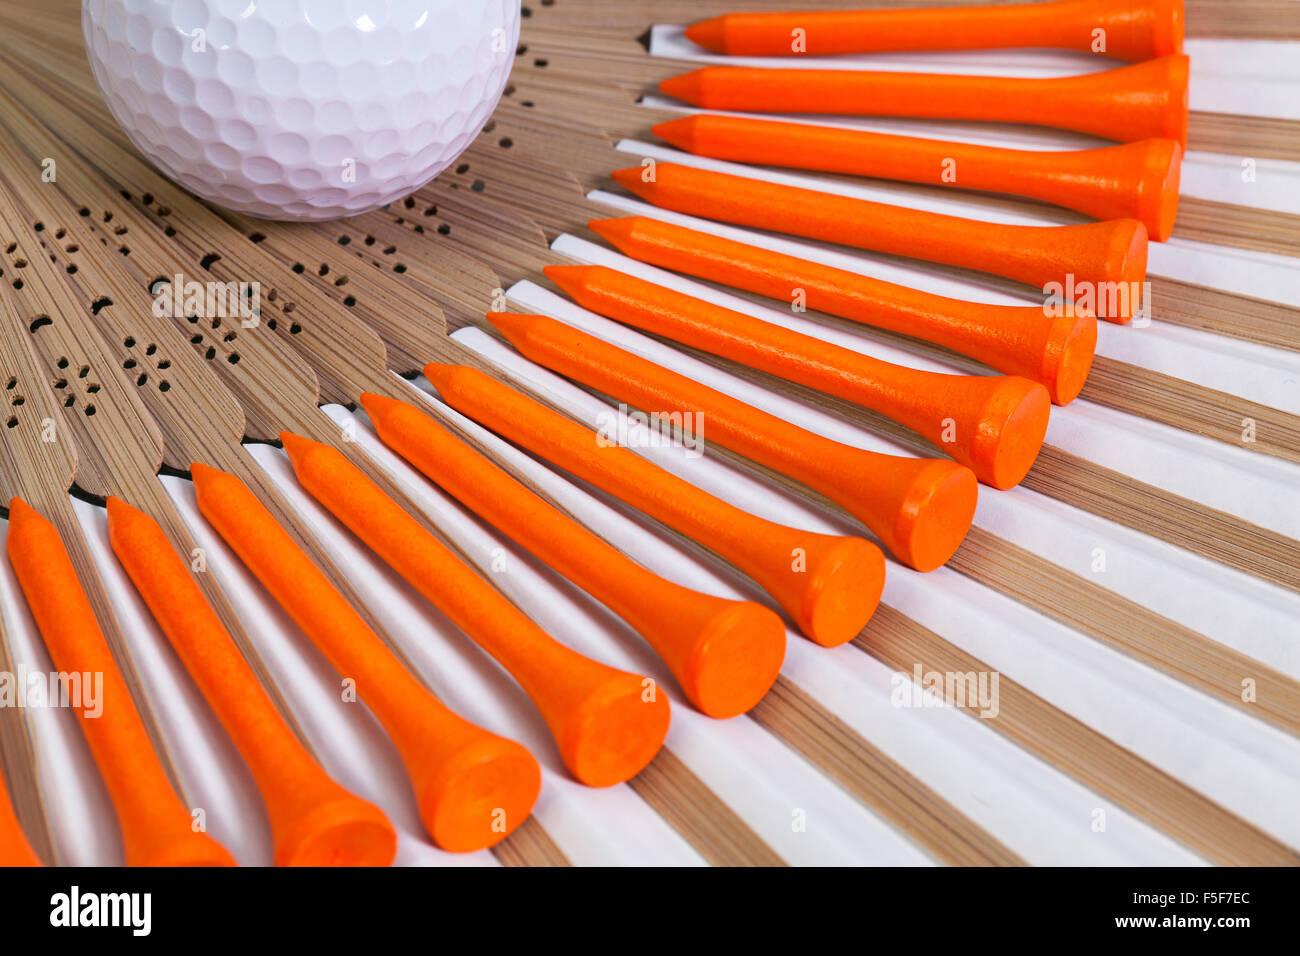 Tipica giapponese ventola mano fatti di bambù e attrezzature da golf Immagini Stock